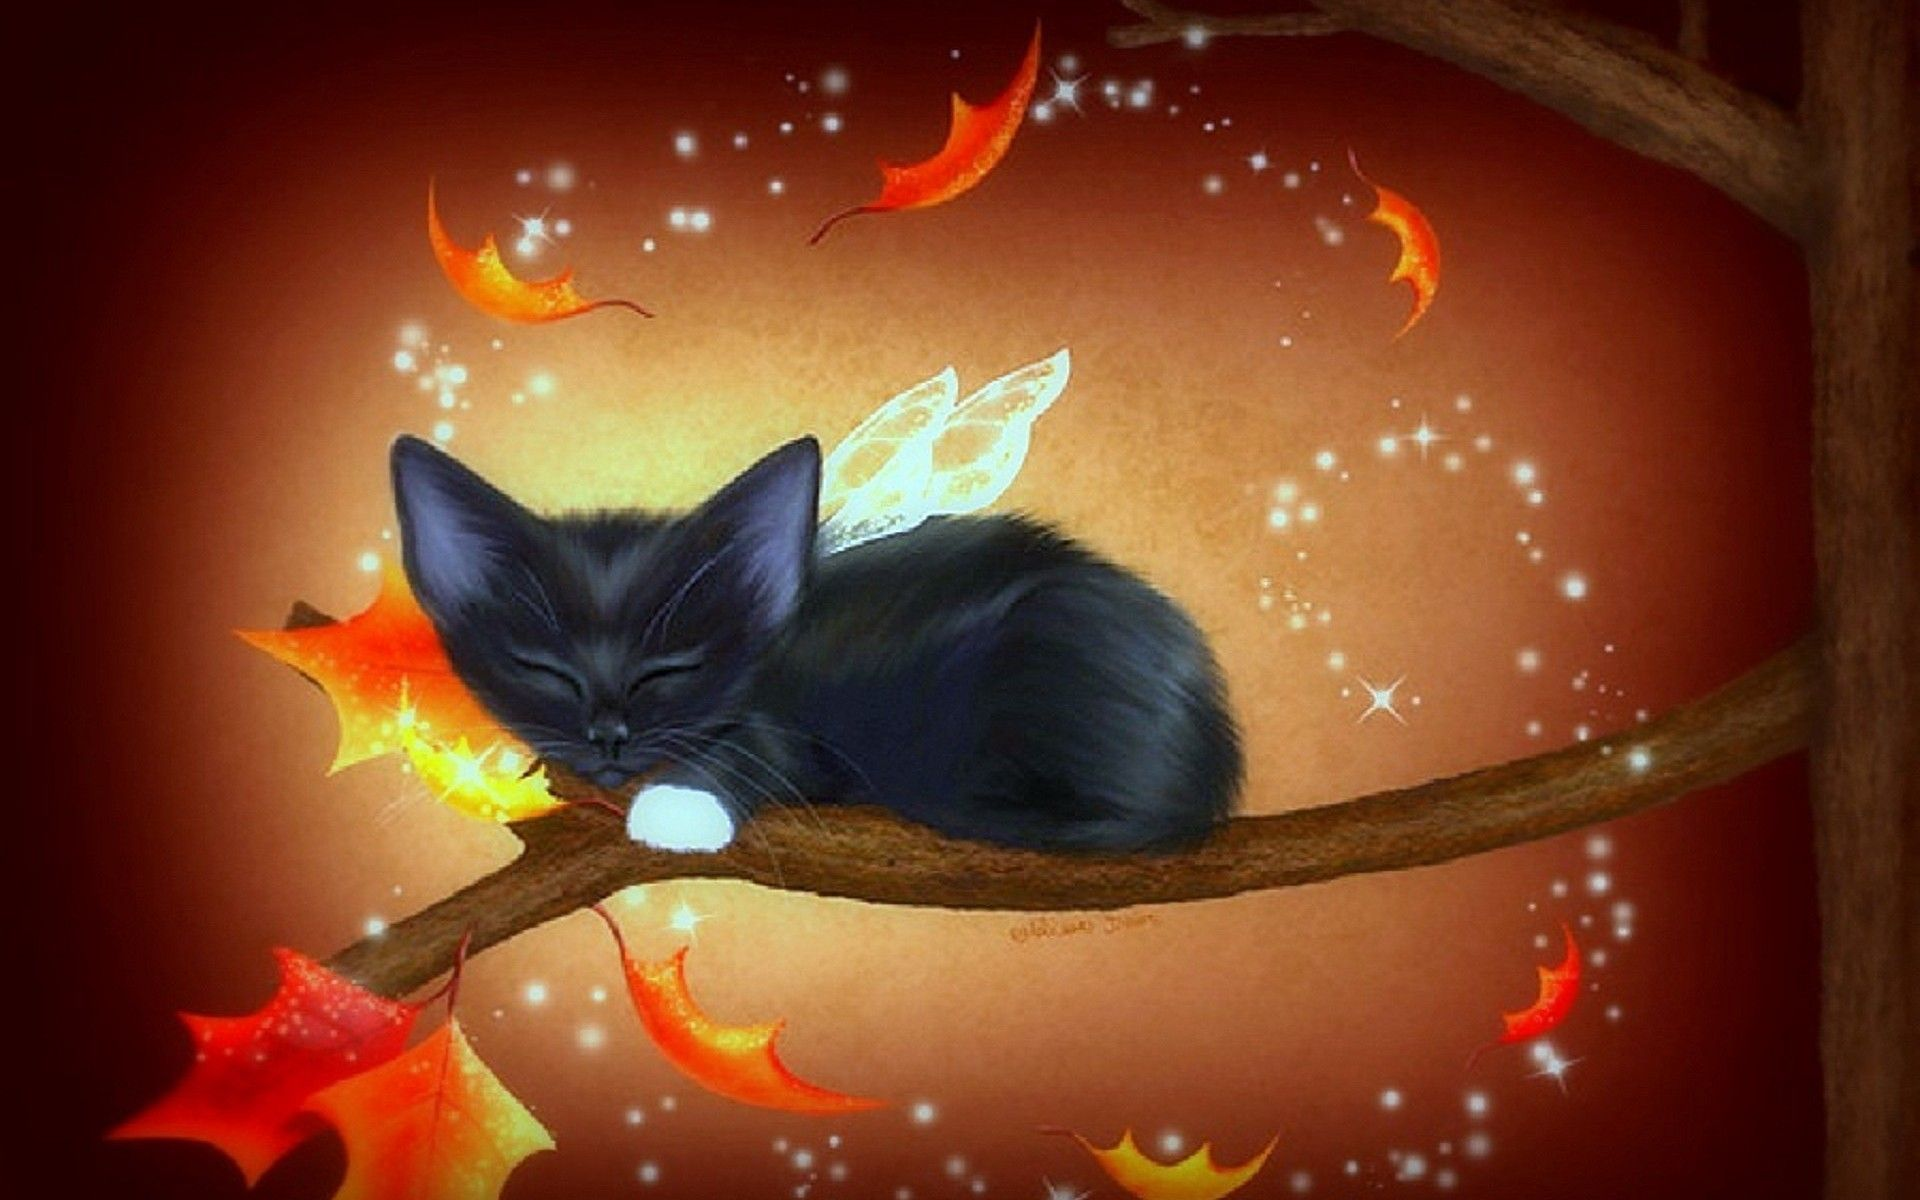 60 Black Cats And Pumpkins Desktop Wallpapers Download At Wallpaperbro Halloween Desktop Wallpaper Fall Wallpaper Cat Wallpaper